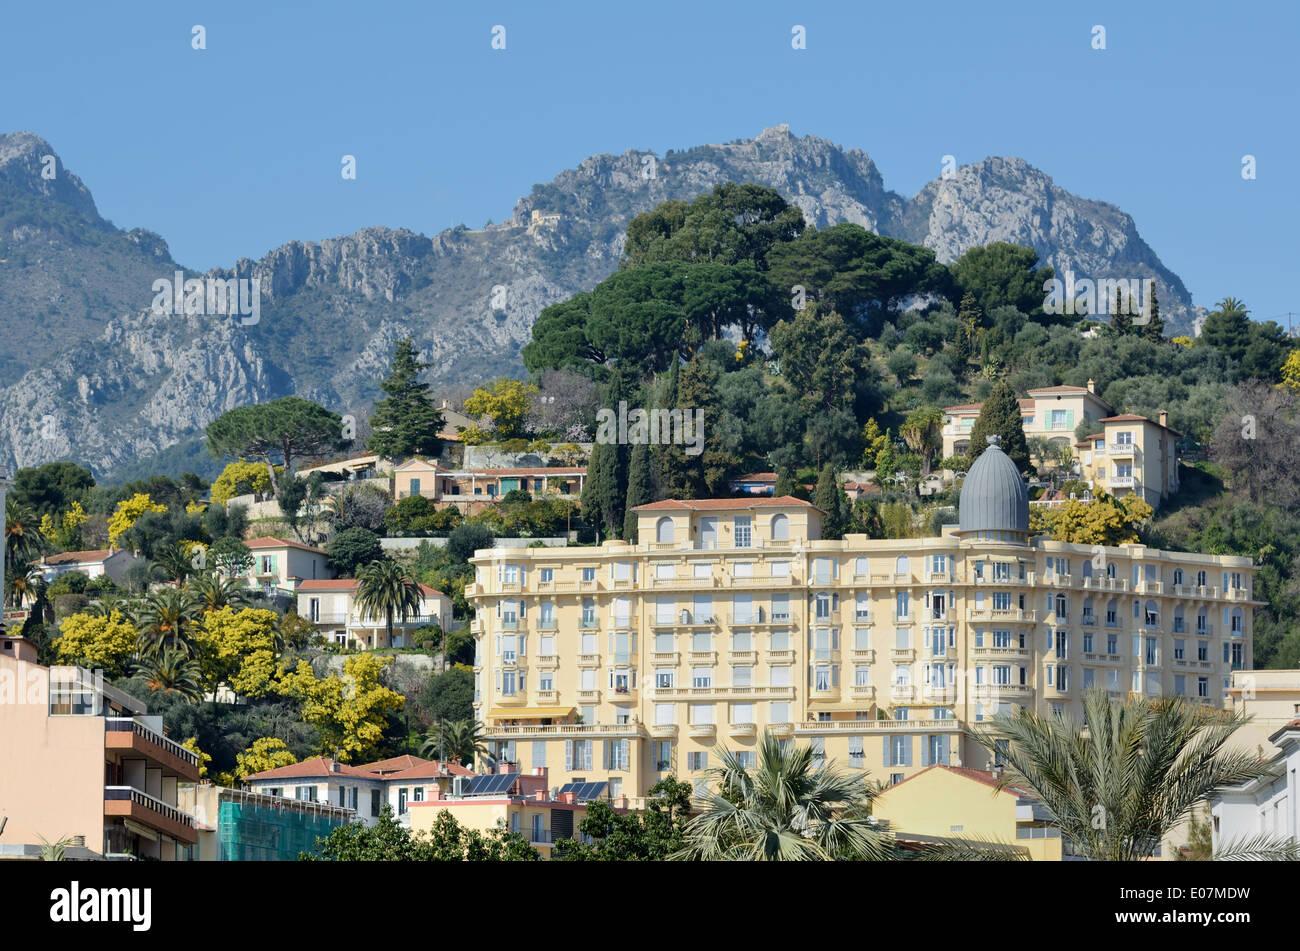 Belle epoch o arquitectura de la Belle Epoque, y Alpes inferior o ladera rocosa detrás de Menton Alpes-Maritimes France Imagen De Stock